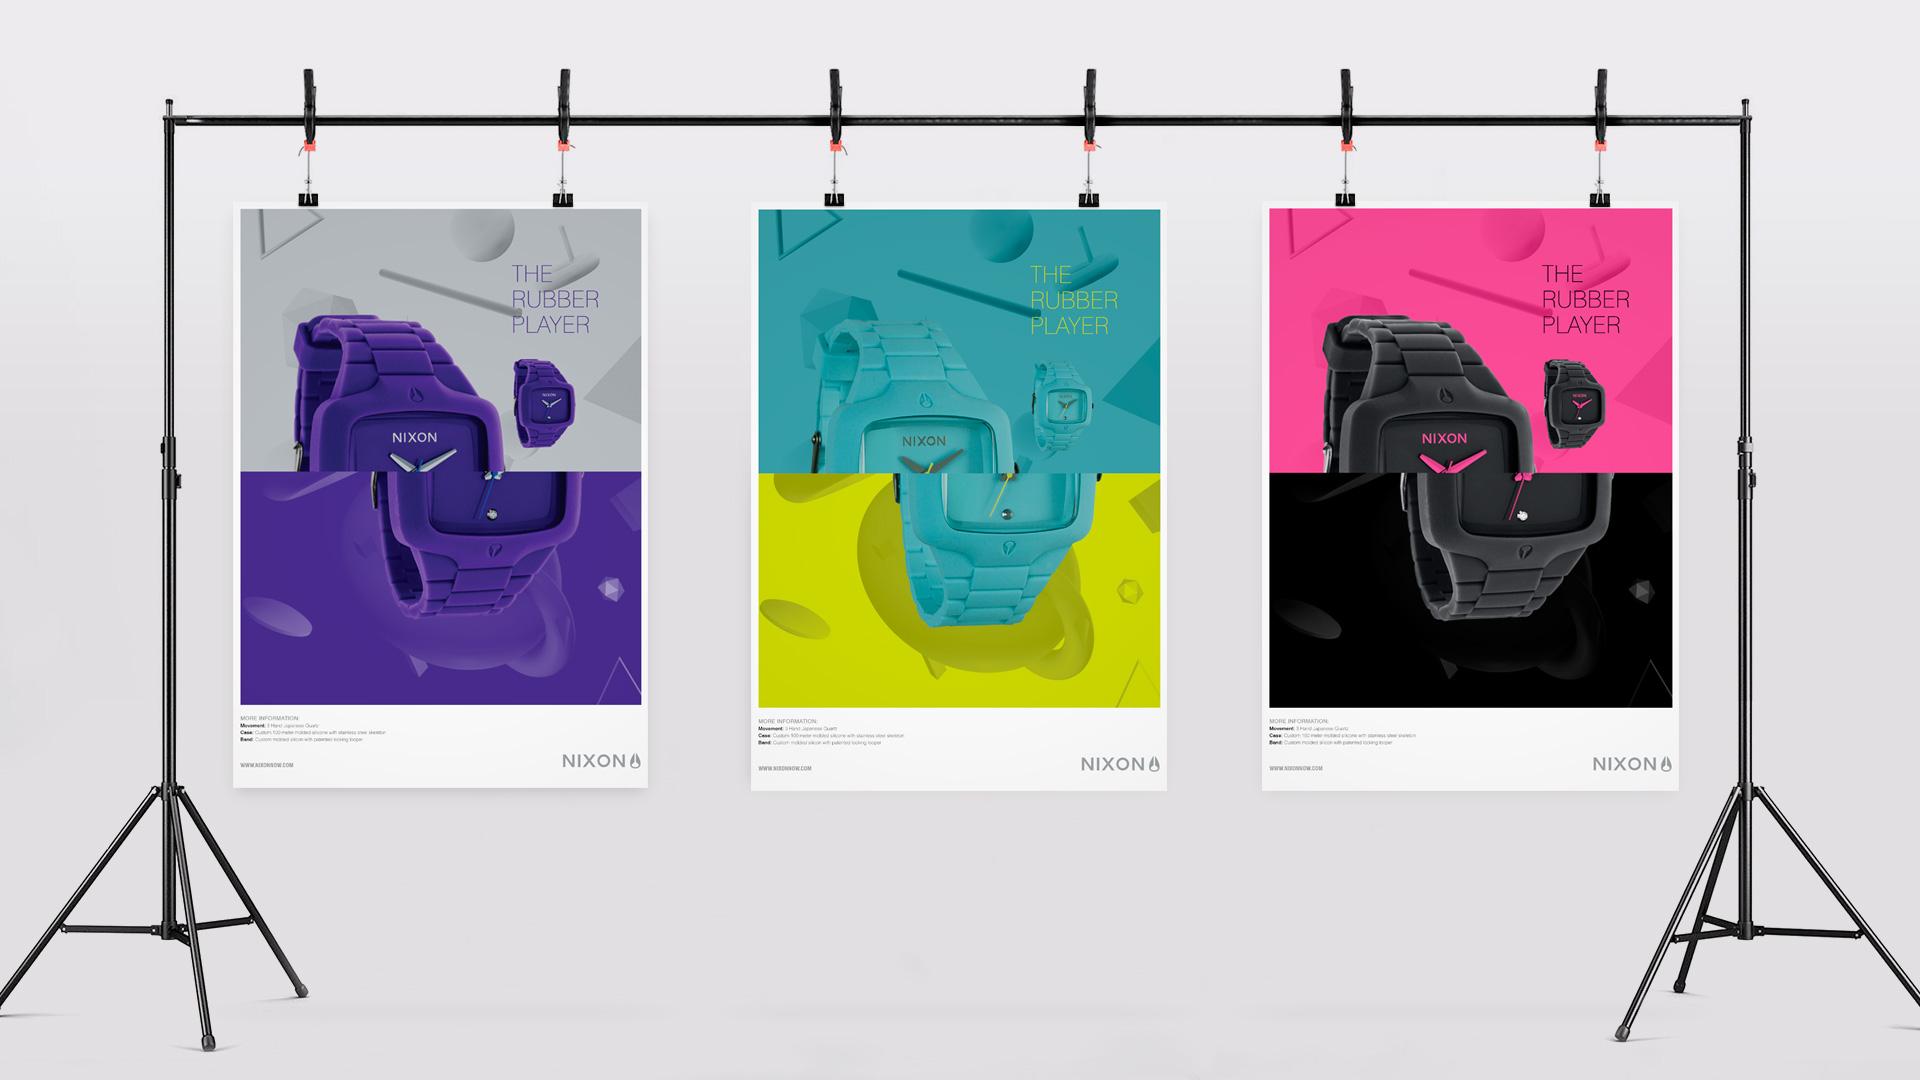 2_advertising_design_graphic_nixon